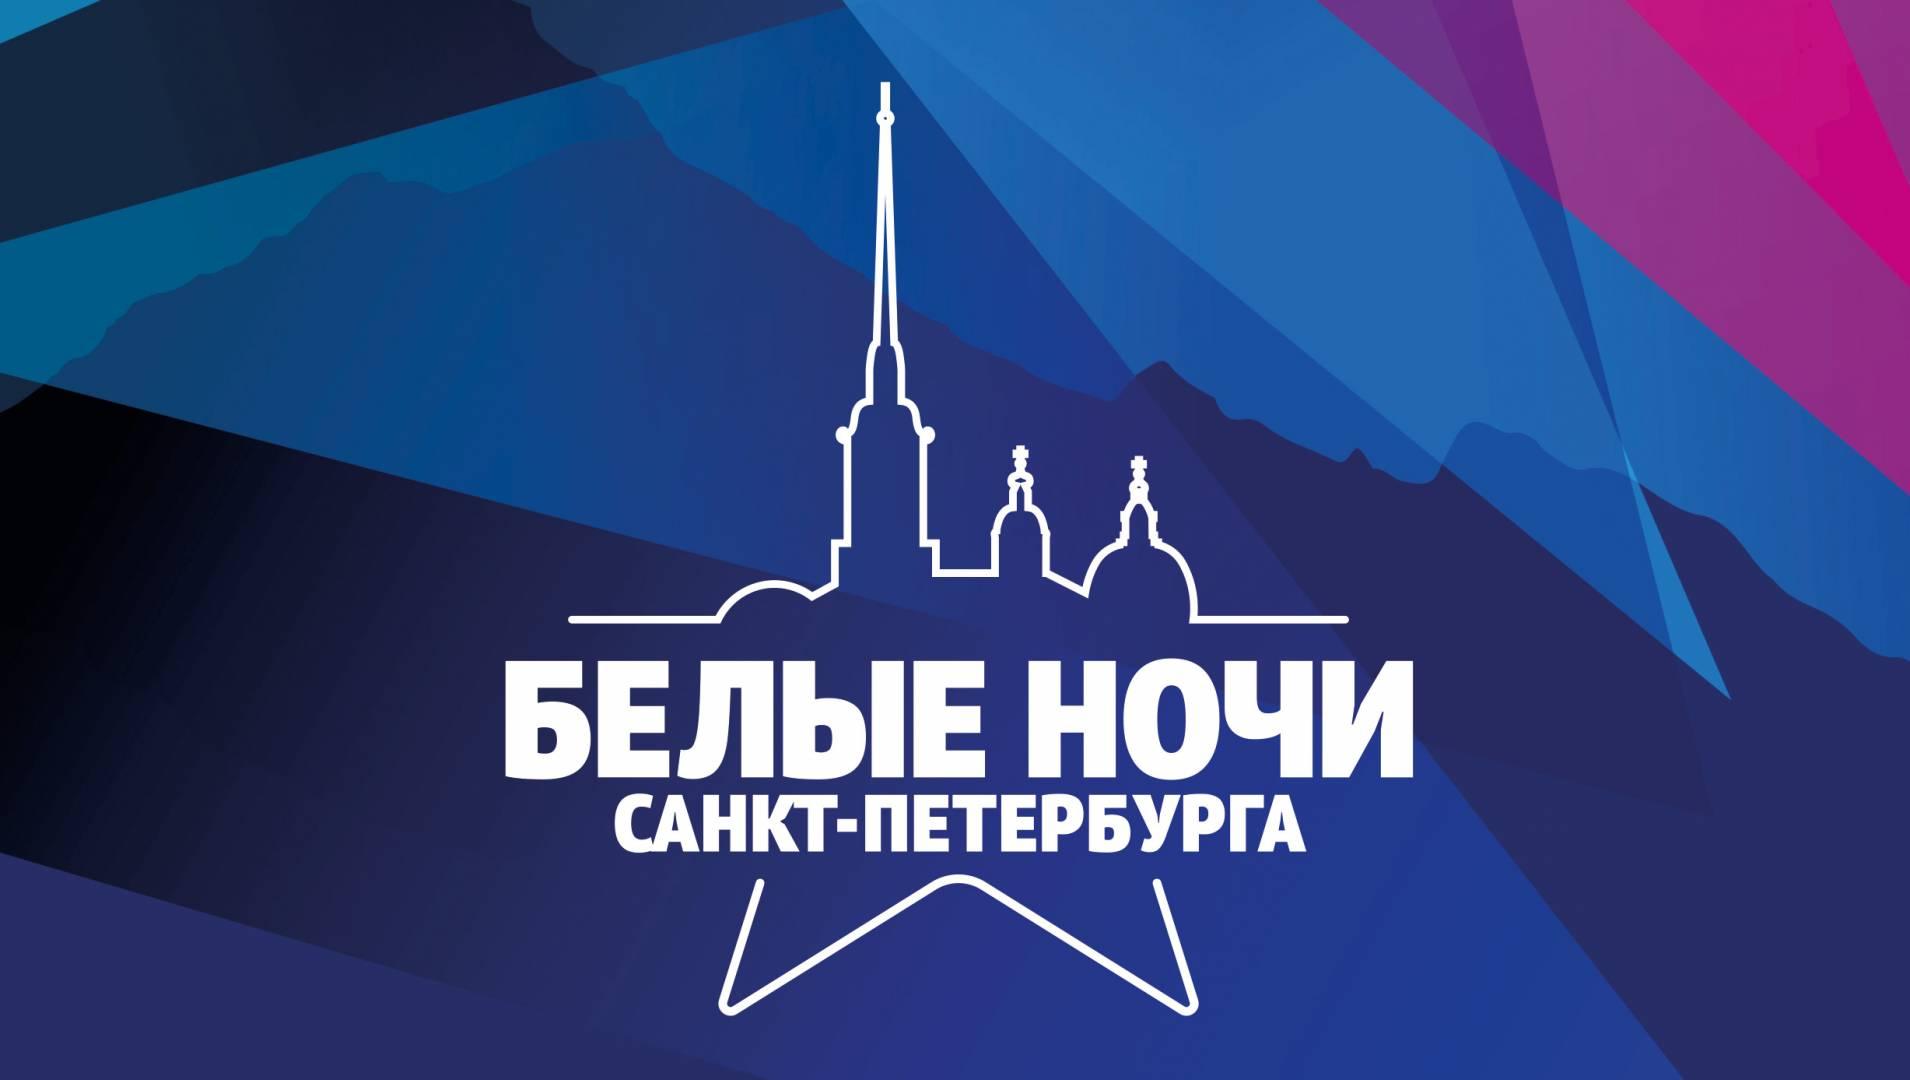 Музыкальный фестиваль «Белые ночи». 25 лет «Русскому Радио» - Концерт